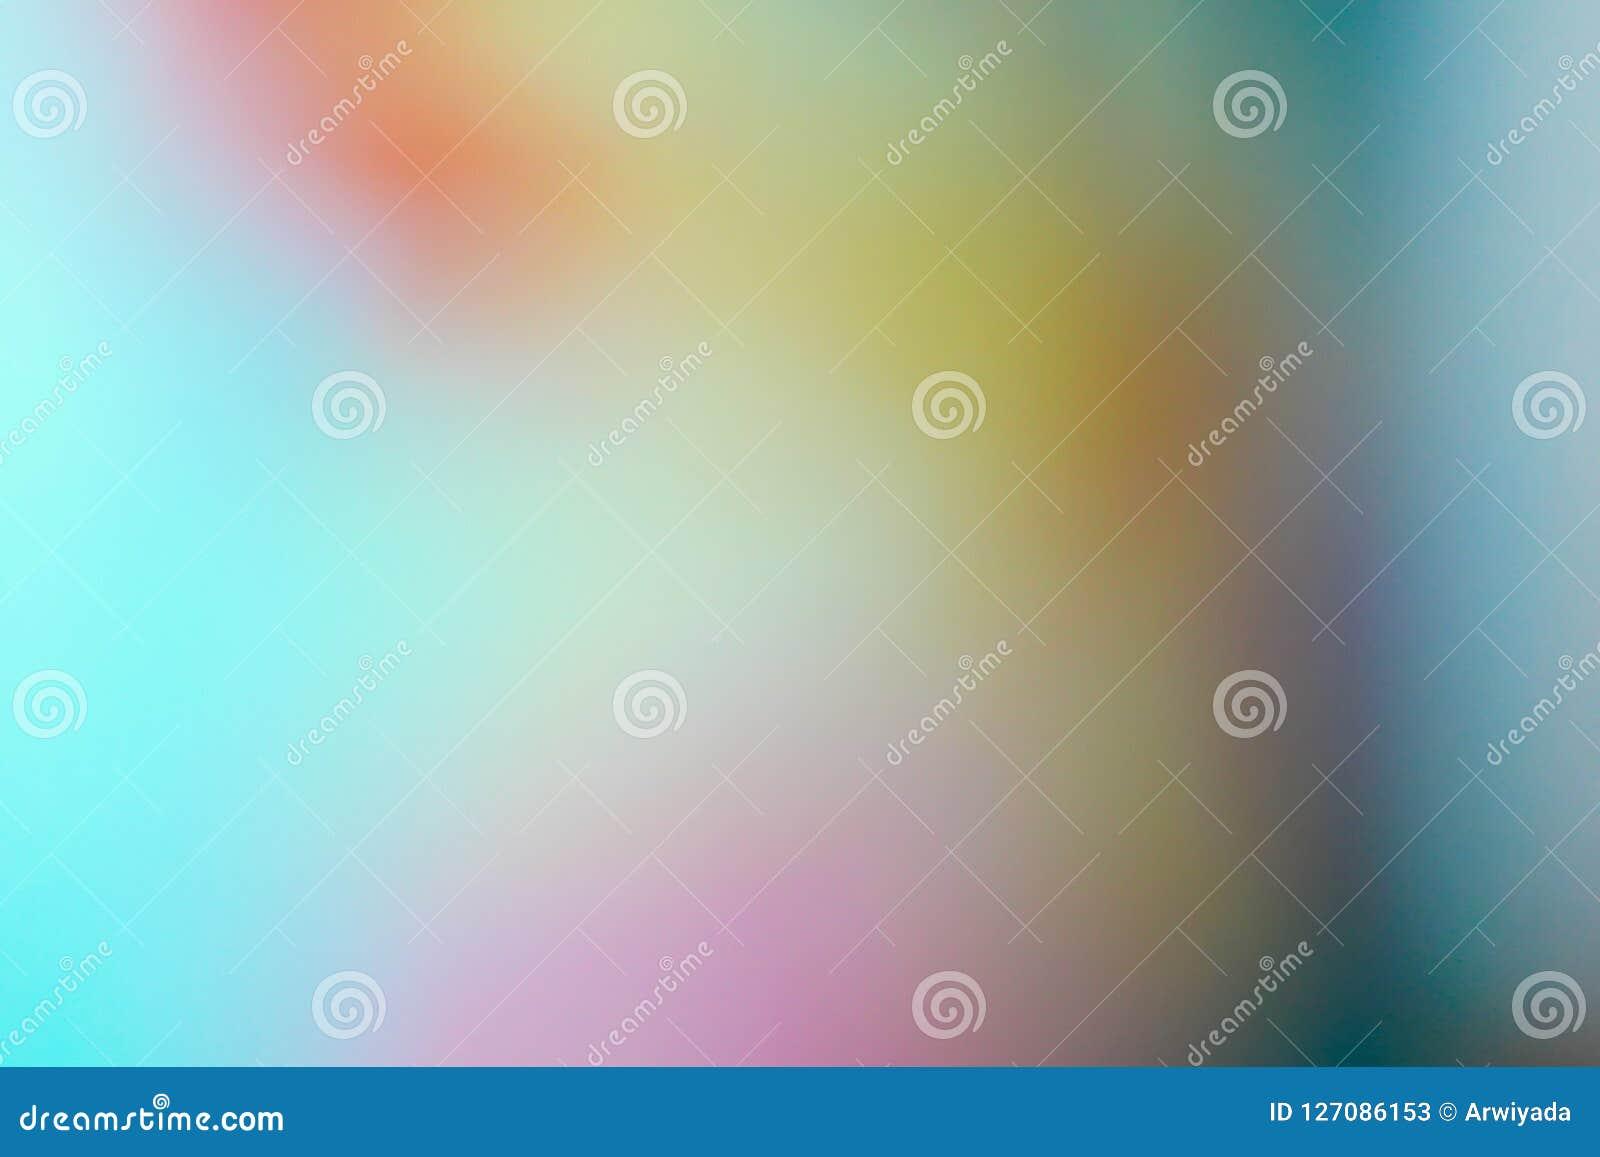 Inclinação colorido borrado do borrão do sumário do fundo com brilhante